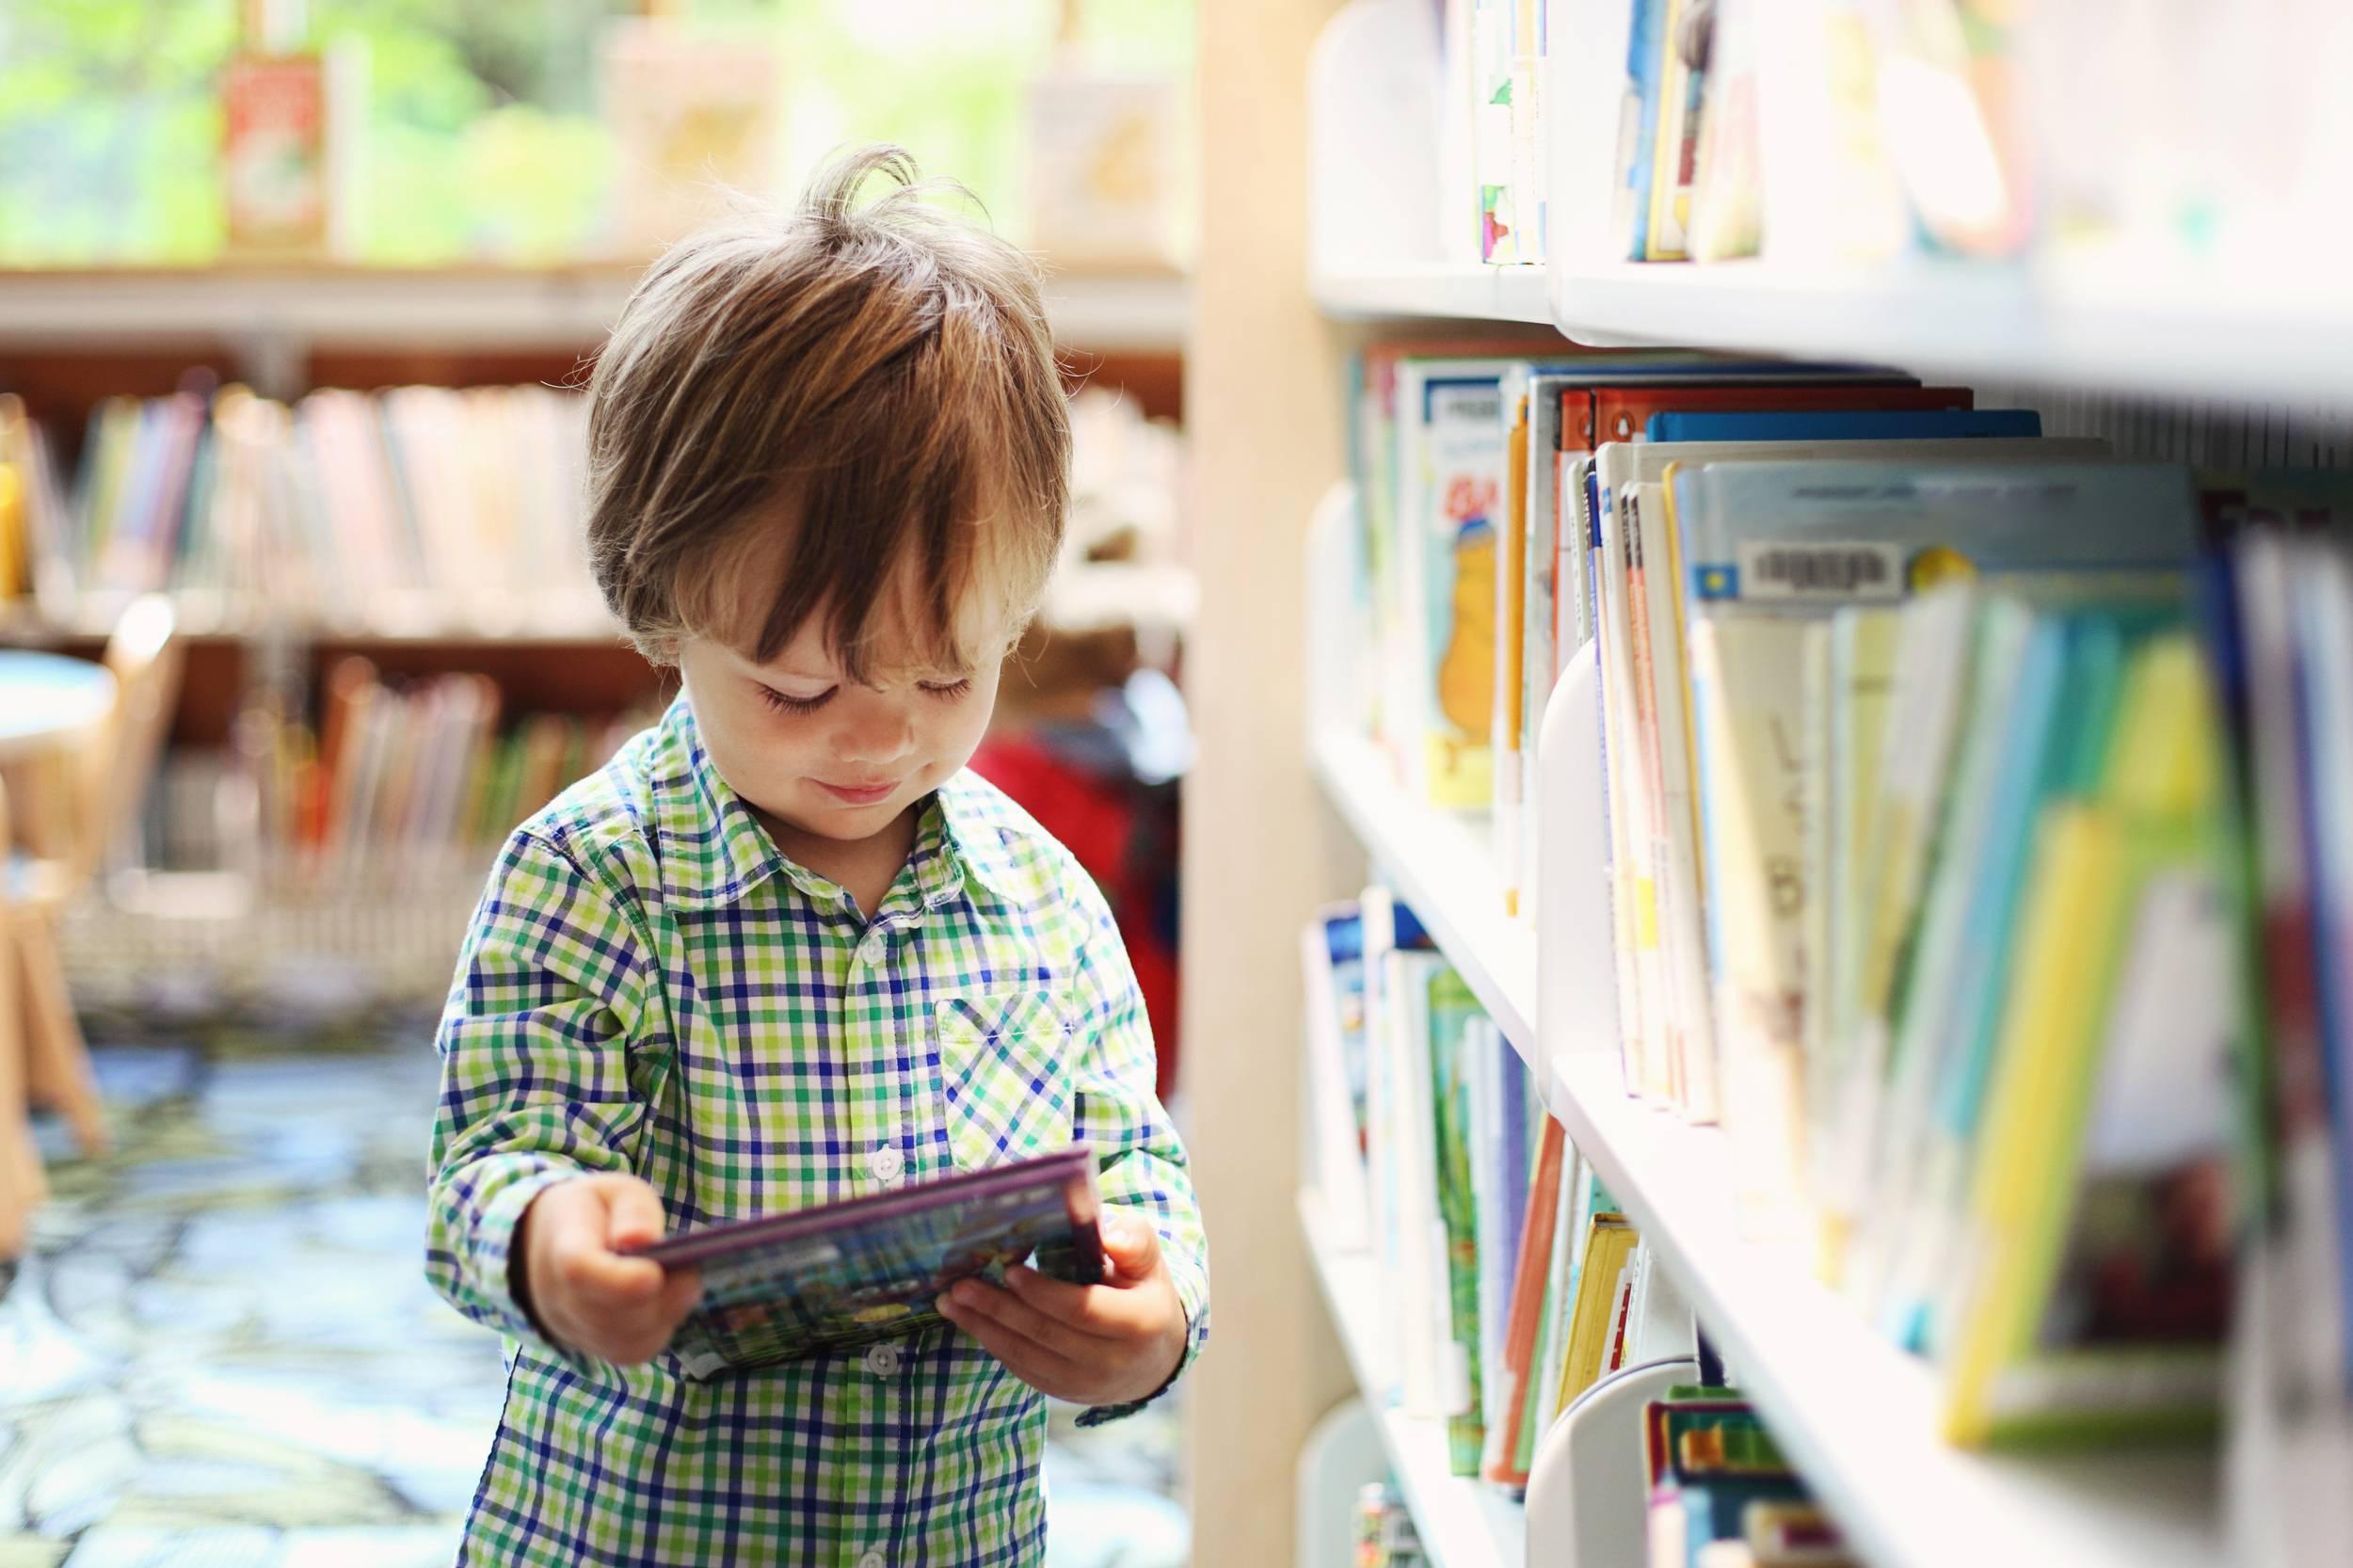 Ребенок с детской книжкой